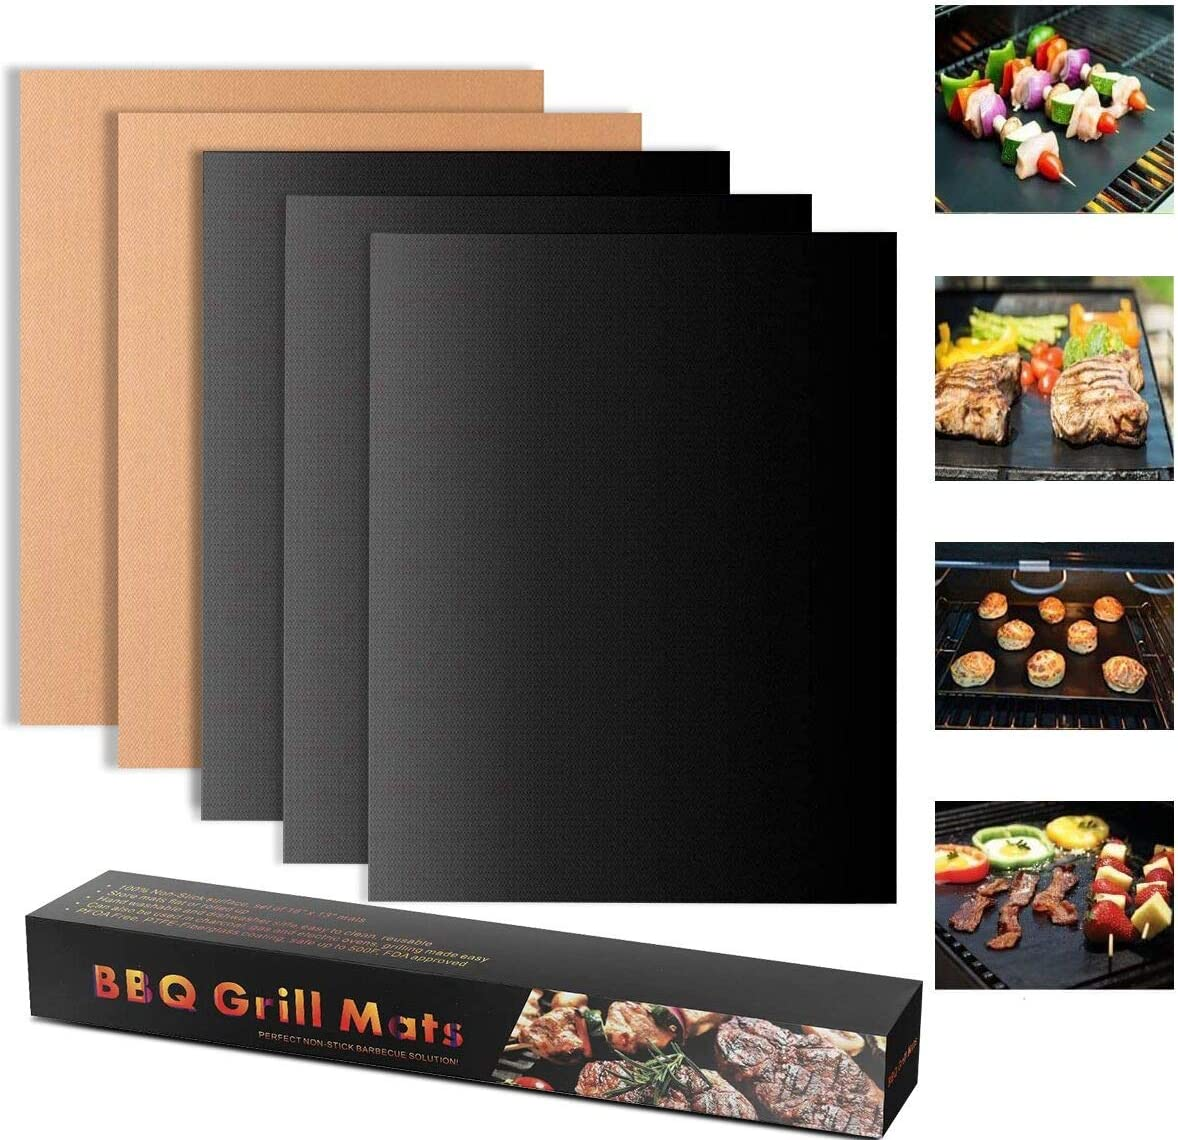 Tapis de Cuisson Barbecue Set de 5 Feuille de Cuisson pour Barbecue et Four Anti-adh/érent de BBQ et Feuilles de Cuisson r/éutilisable pour les barbecue /à gaz Charbon ou /électriques